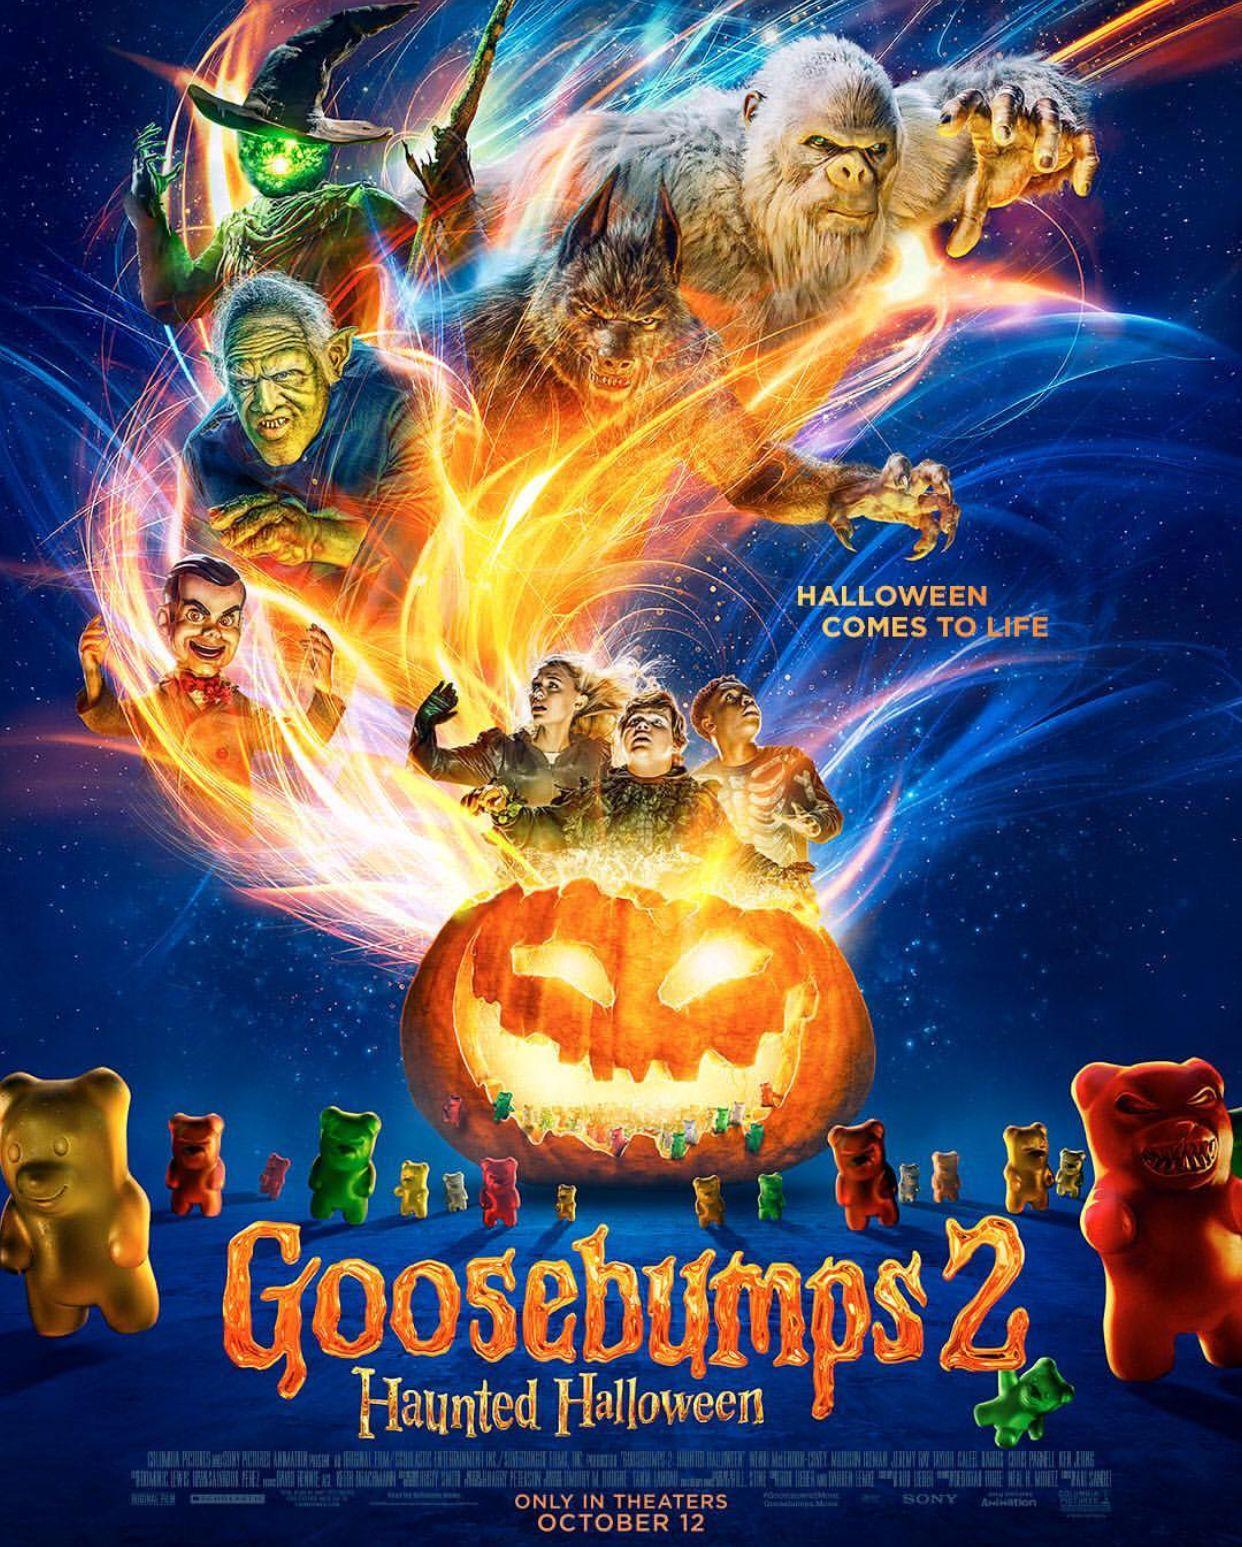 Pin by Joeyiz1 on Goosebumps 2 Haunted Halloween (2018